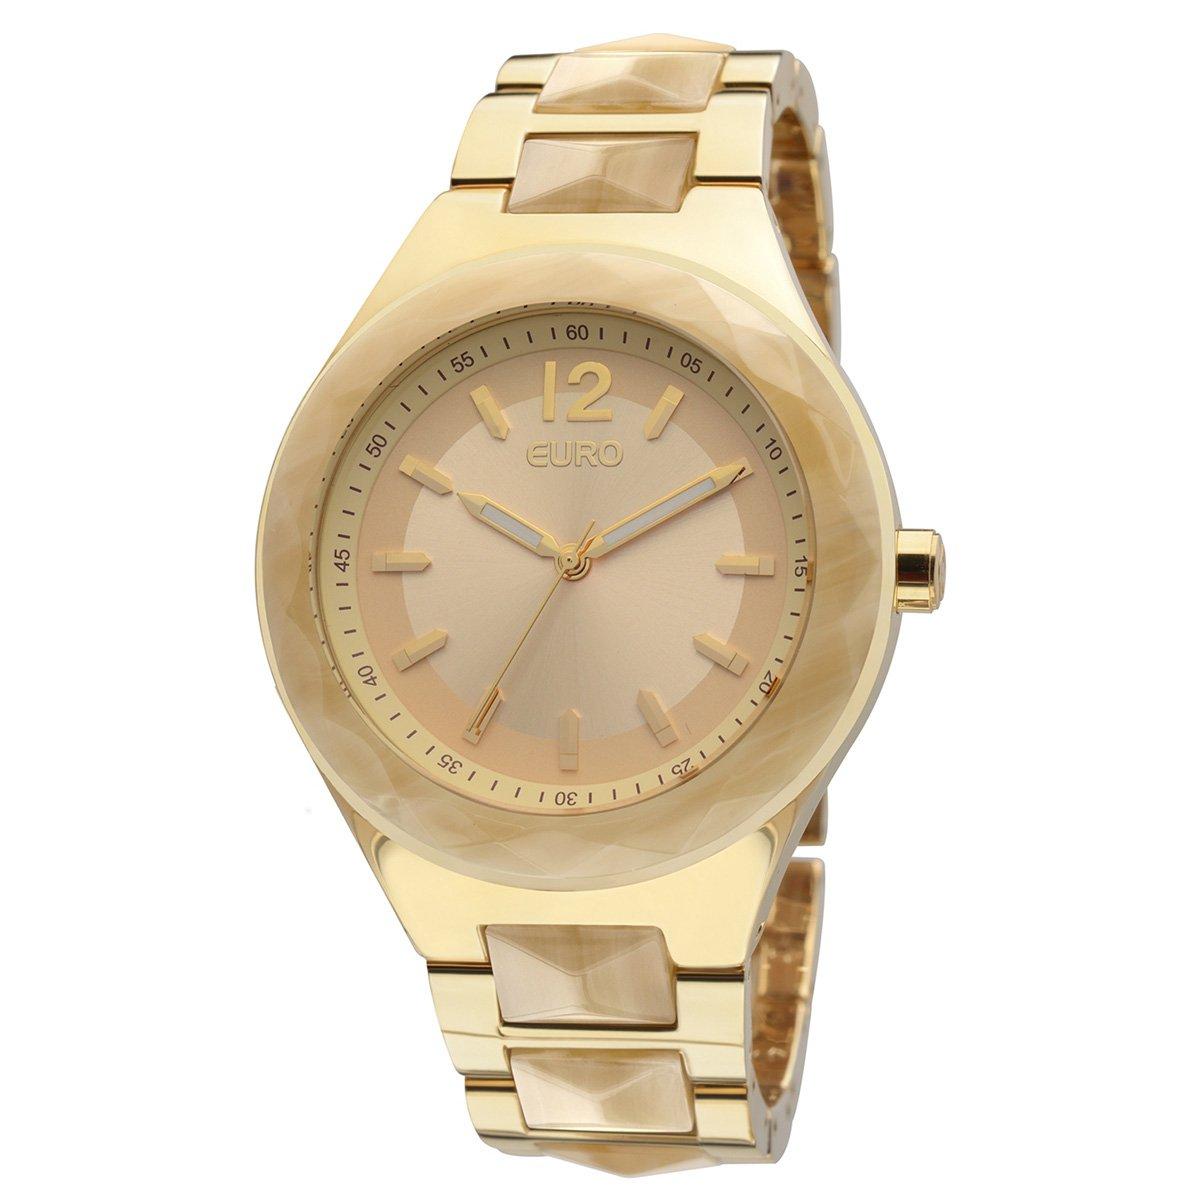 3a3881af66e Relógio Euro Pulso Latão Dourado Pulseira Aço - Compre Agora